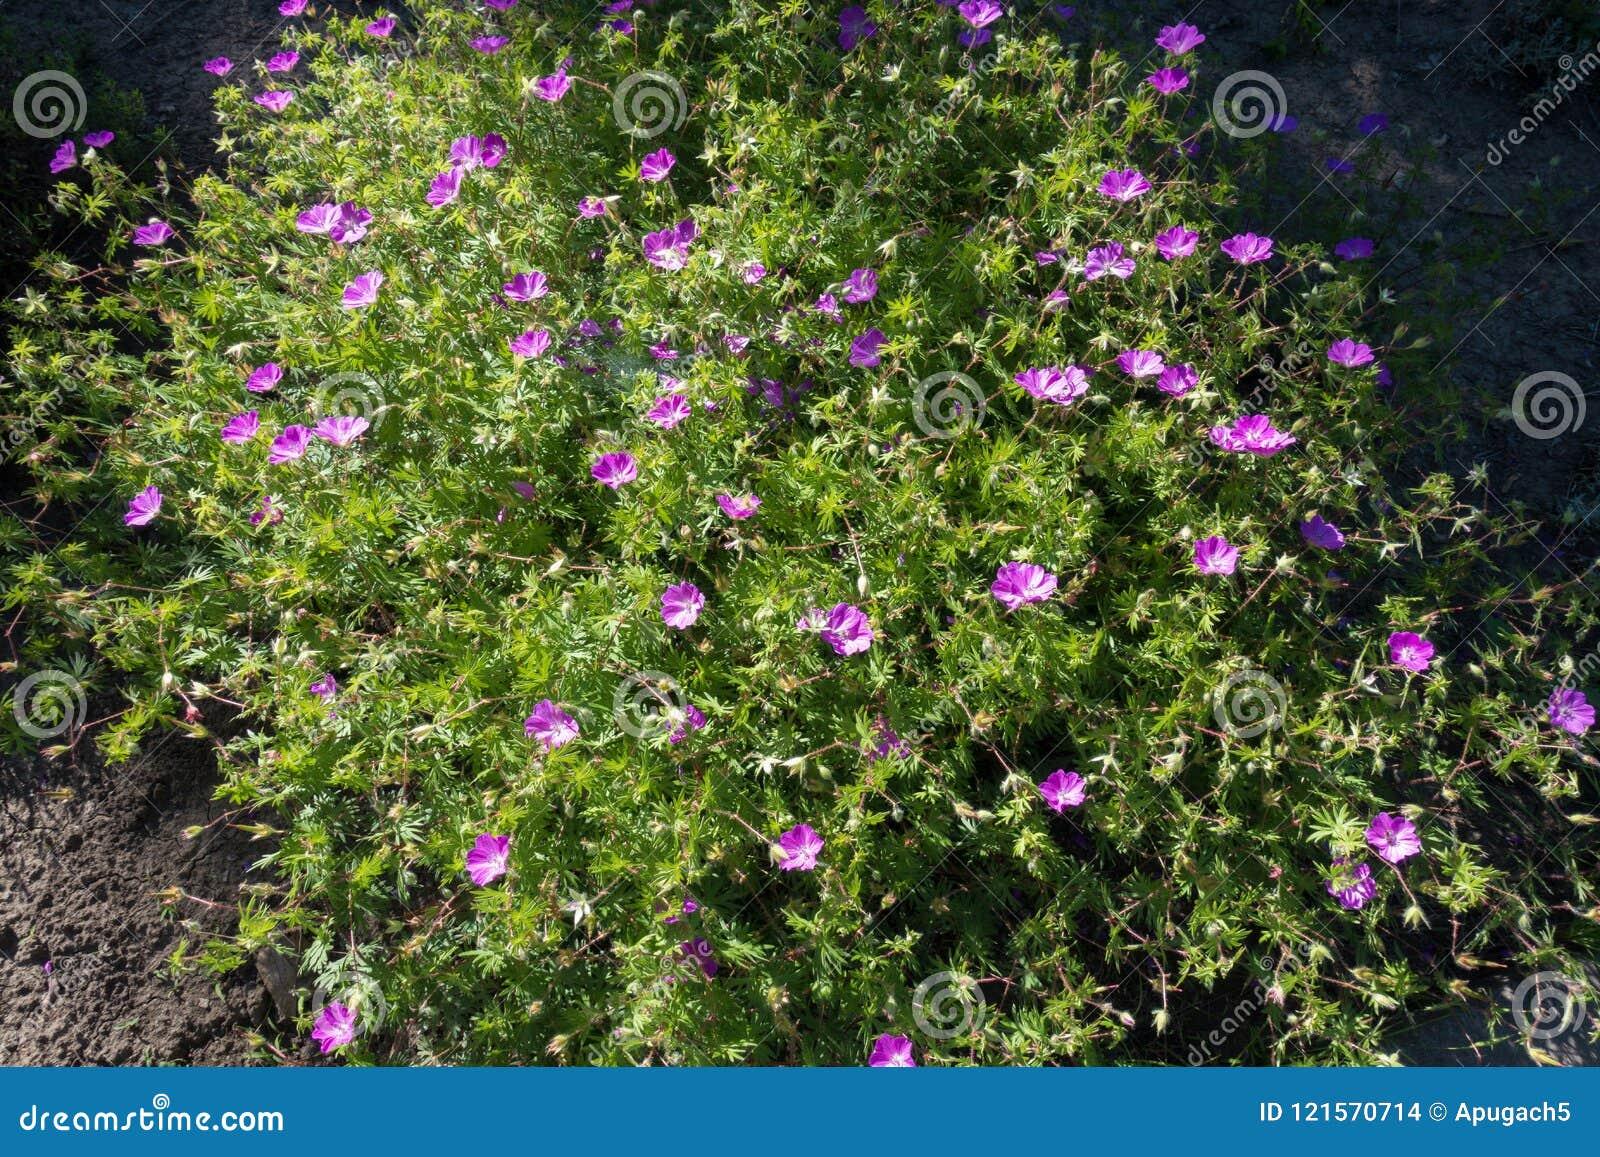 Geranium sanguineum in full bloom in May